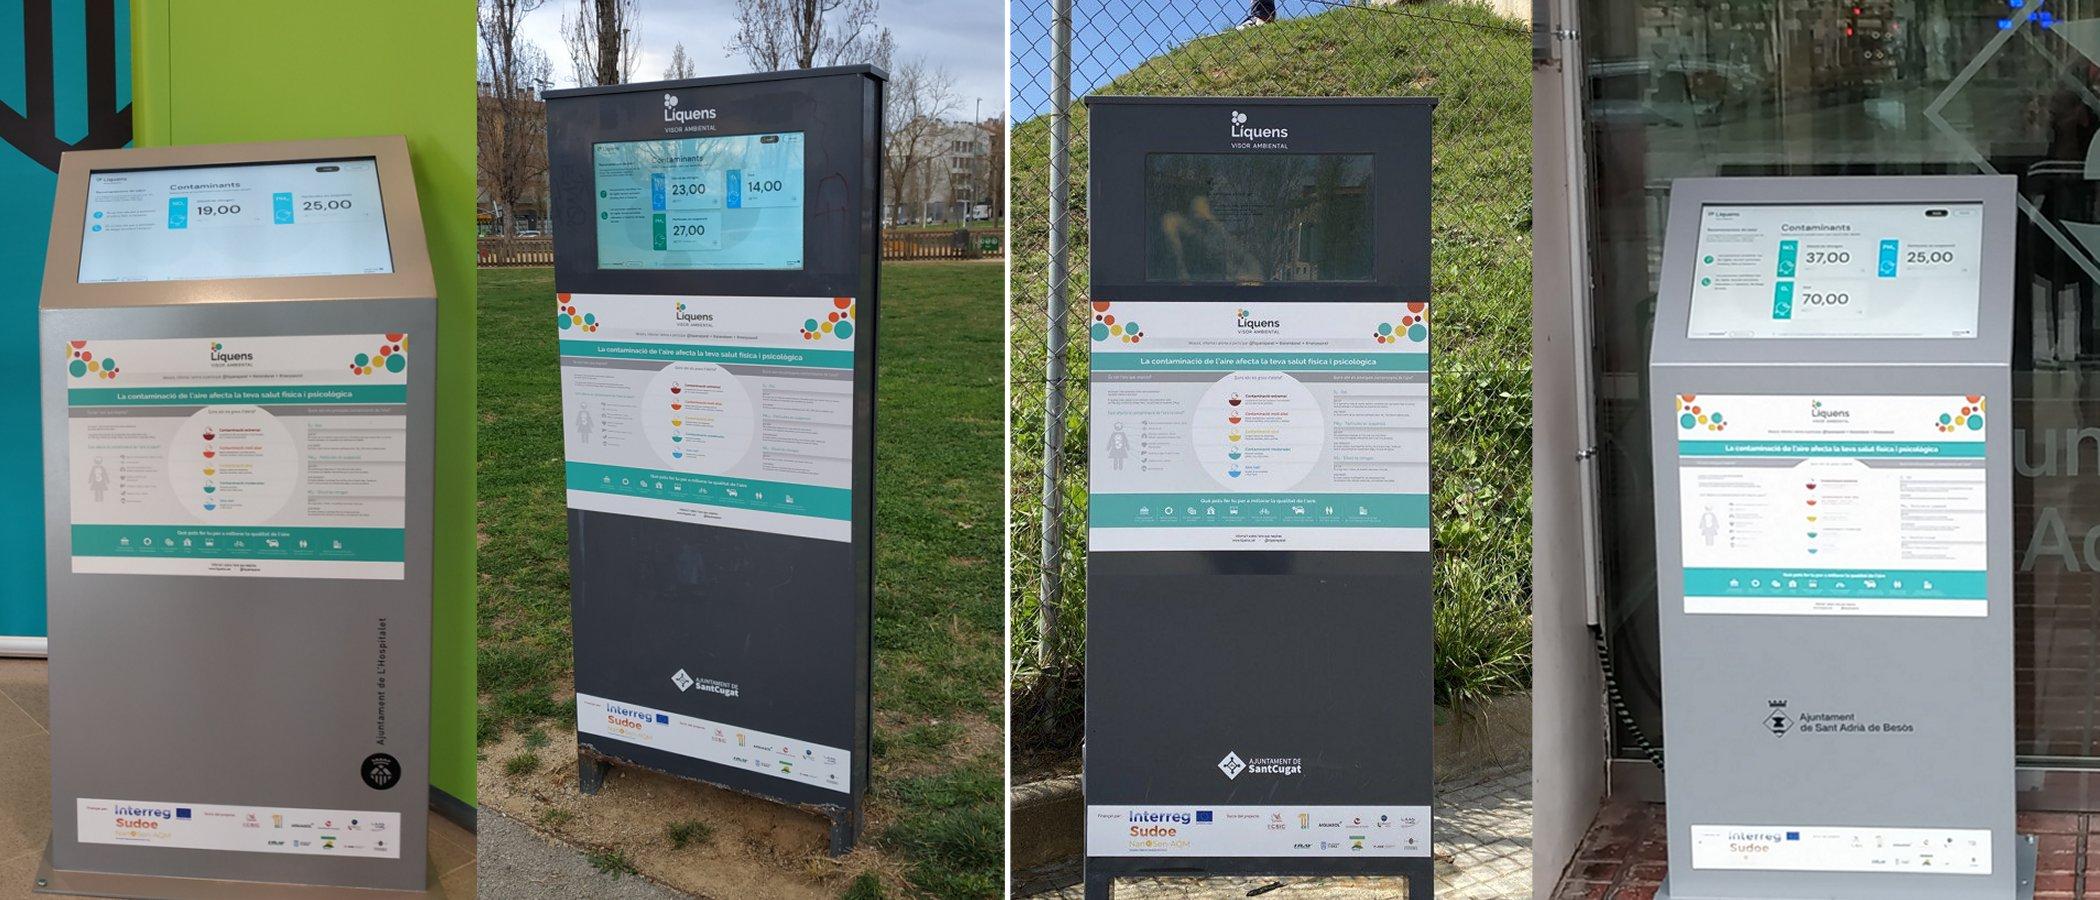 Els panells LÍQUENS actius a  3 municipis de l'Àrea metropolitana de Barcelona